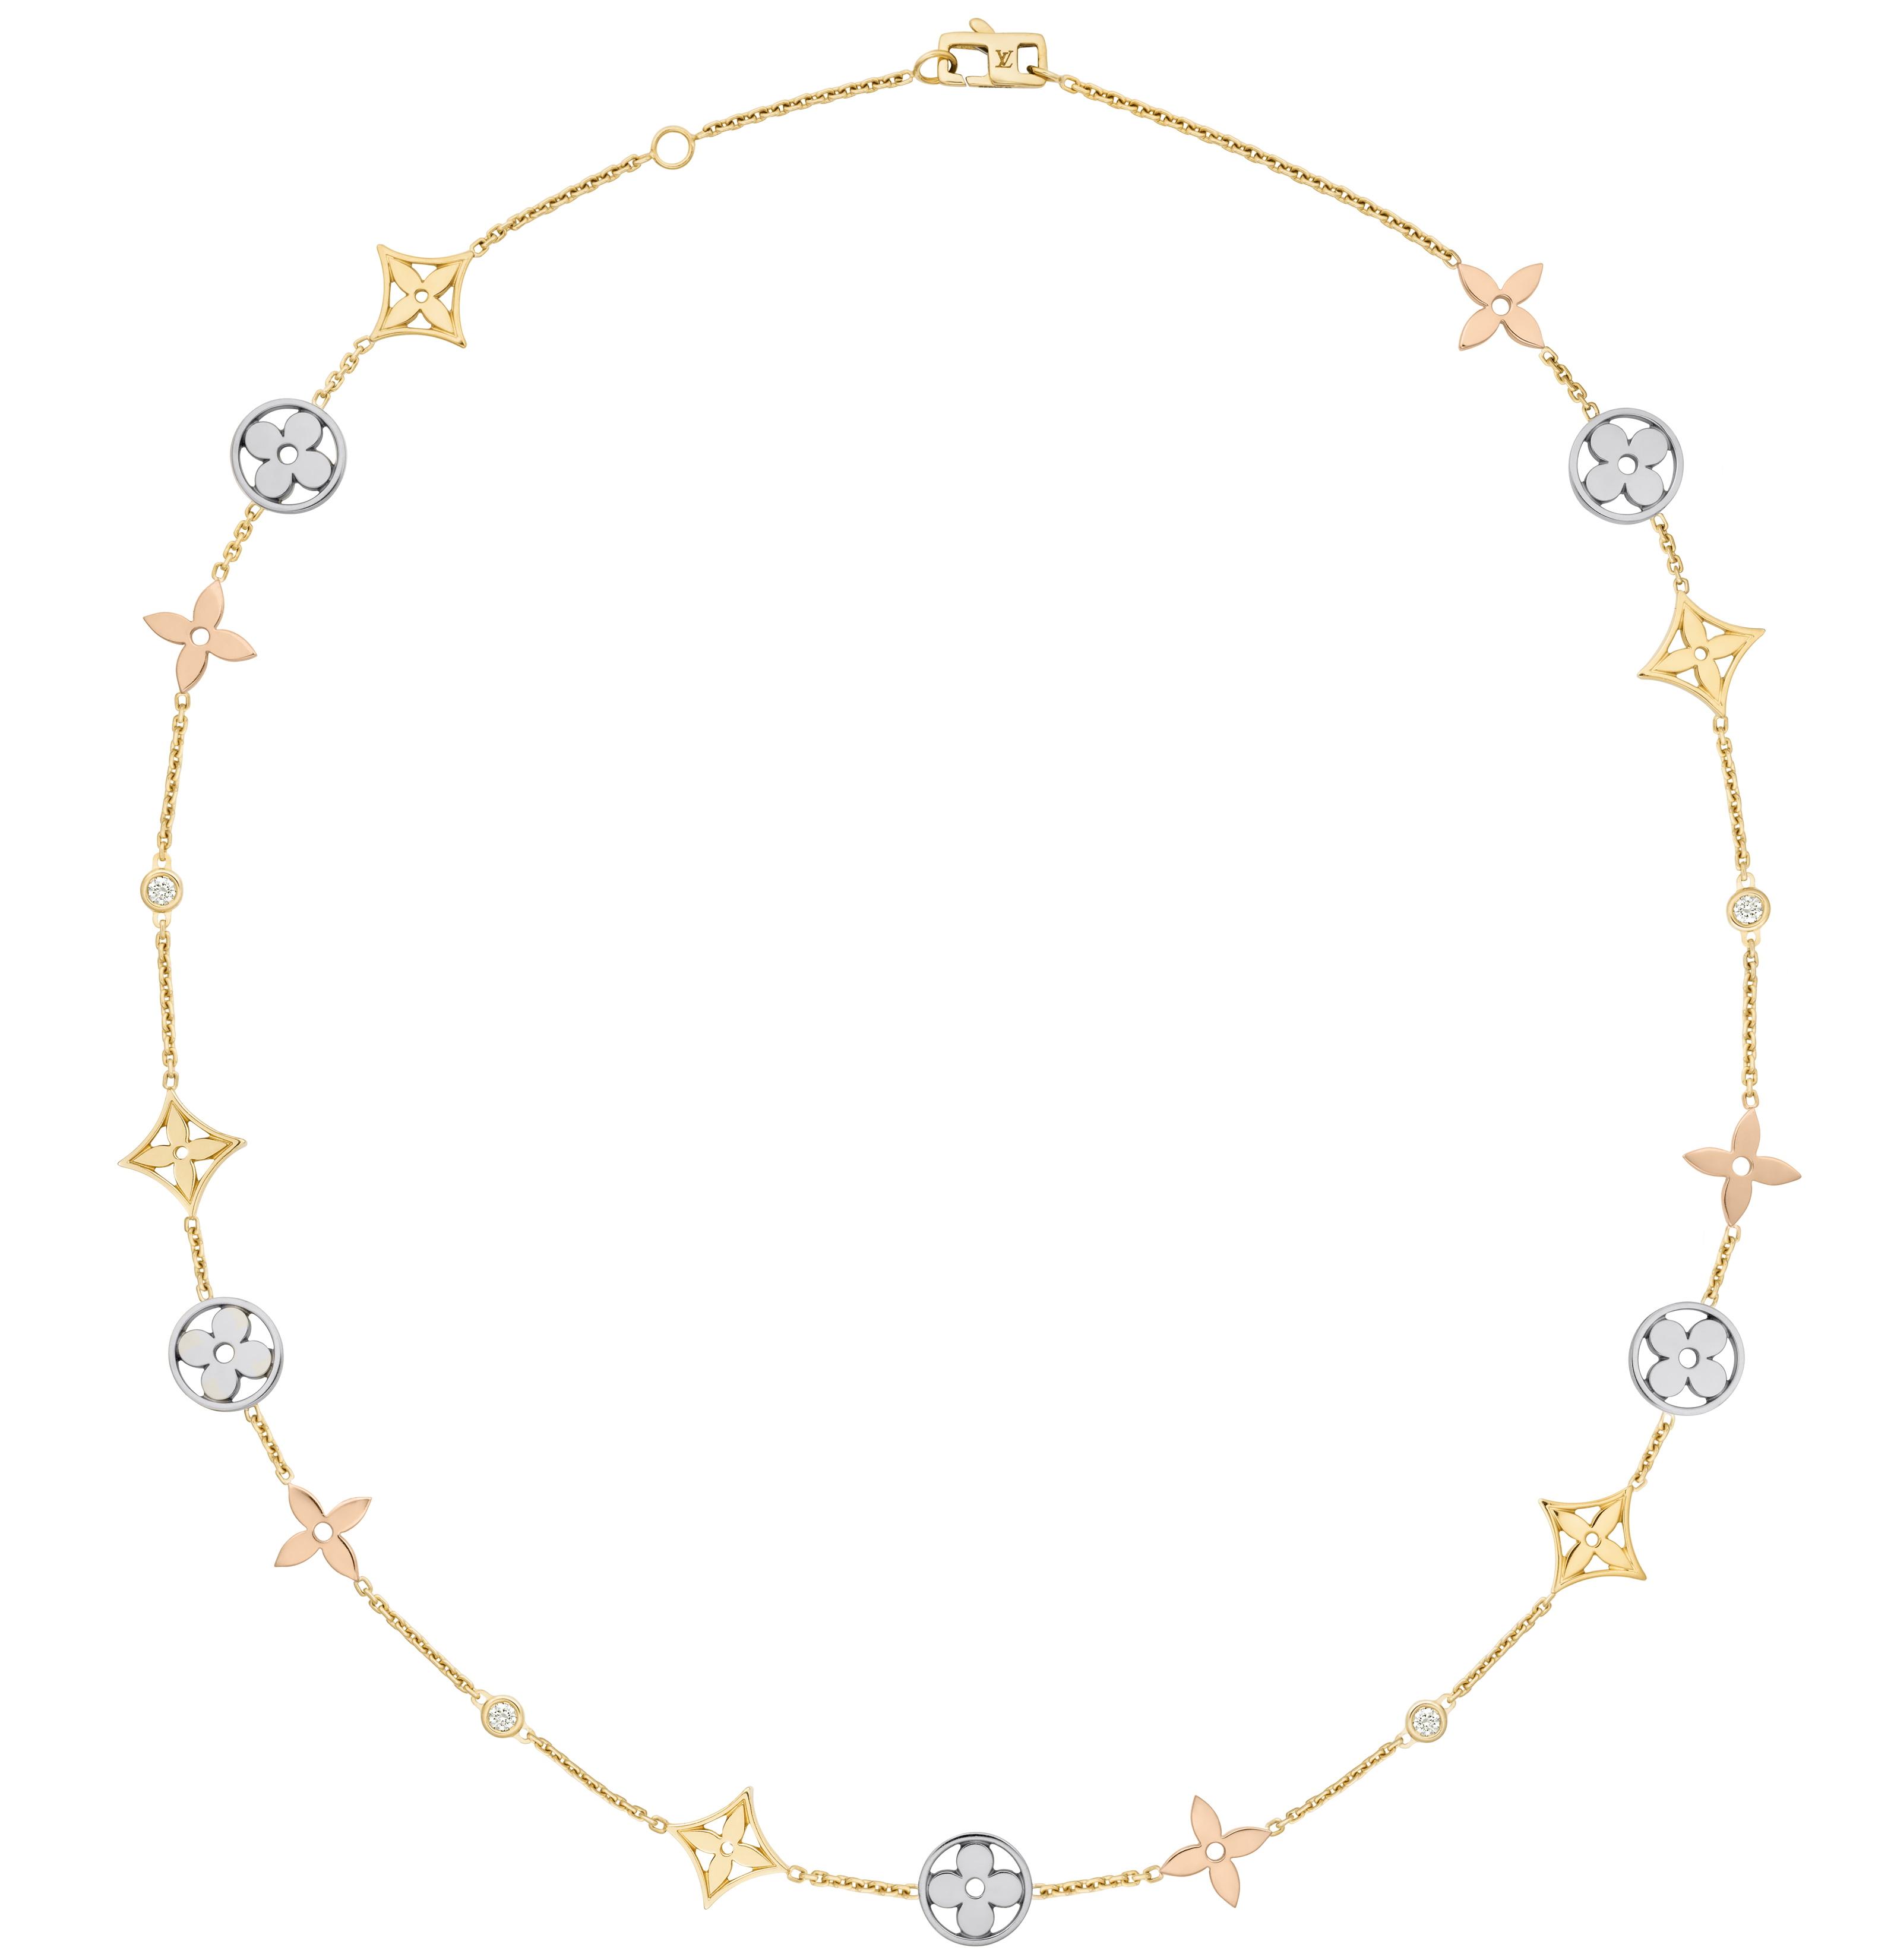 Louis Vuitton Monogram Idylle 3golds necklace / Kette